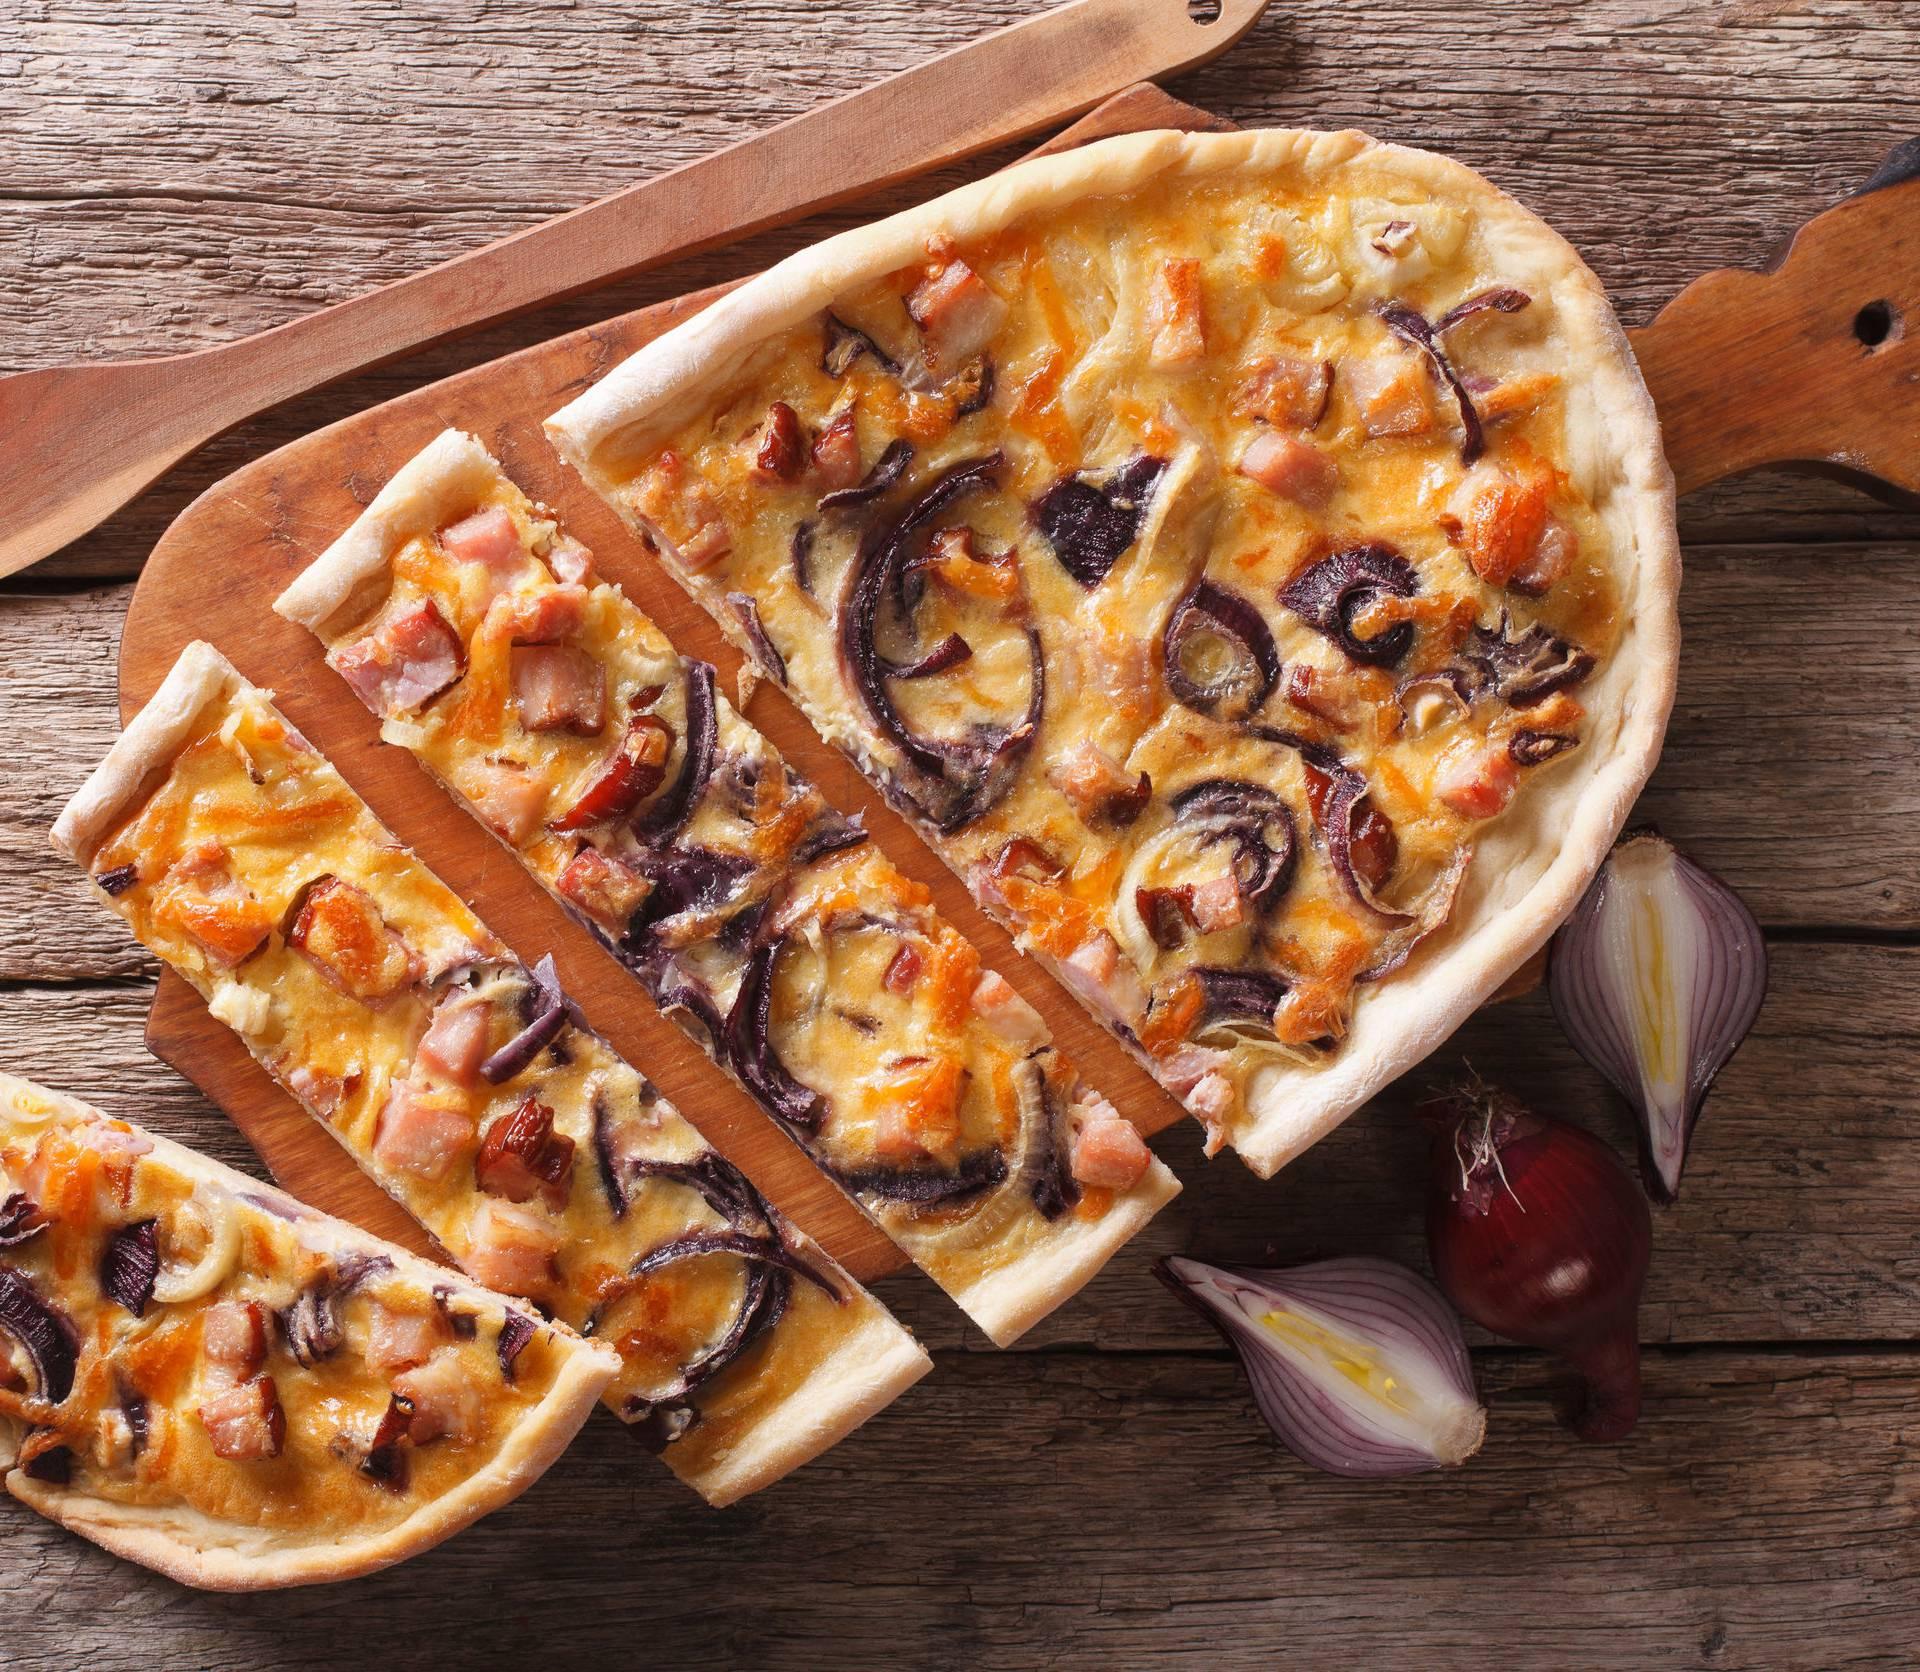 Brza večera: Pita sa slaninom, lukom, jajima i kiselim vrhnjem